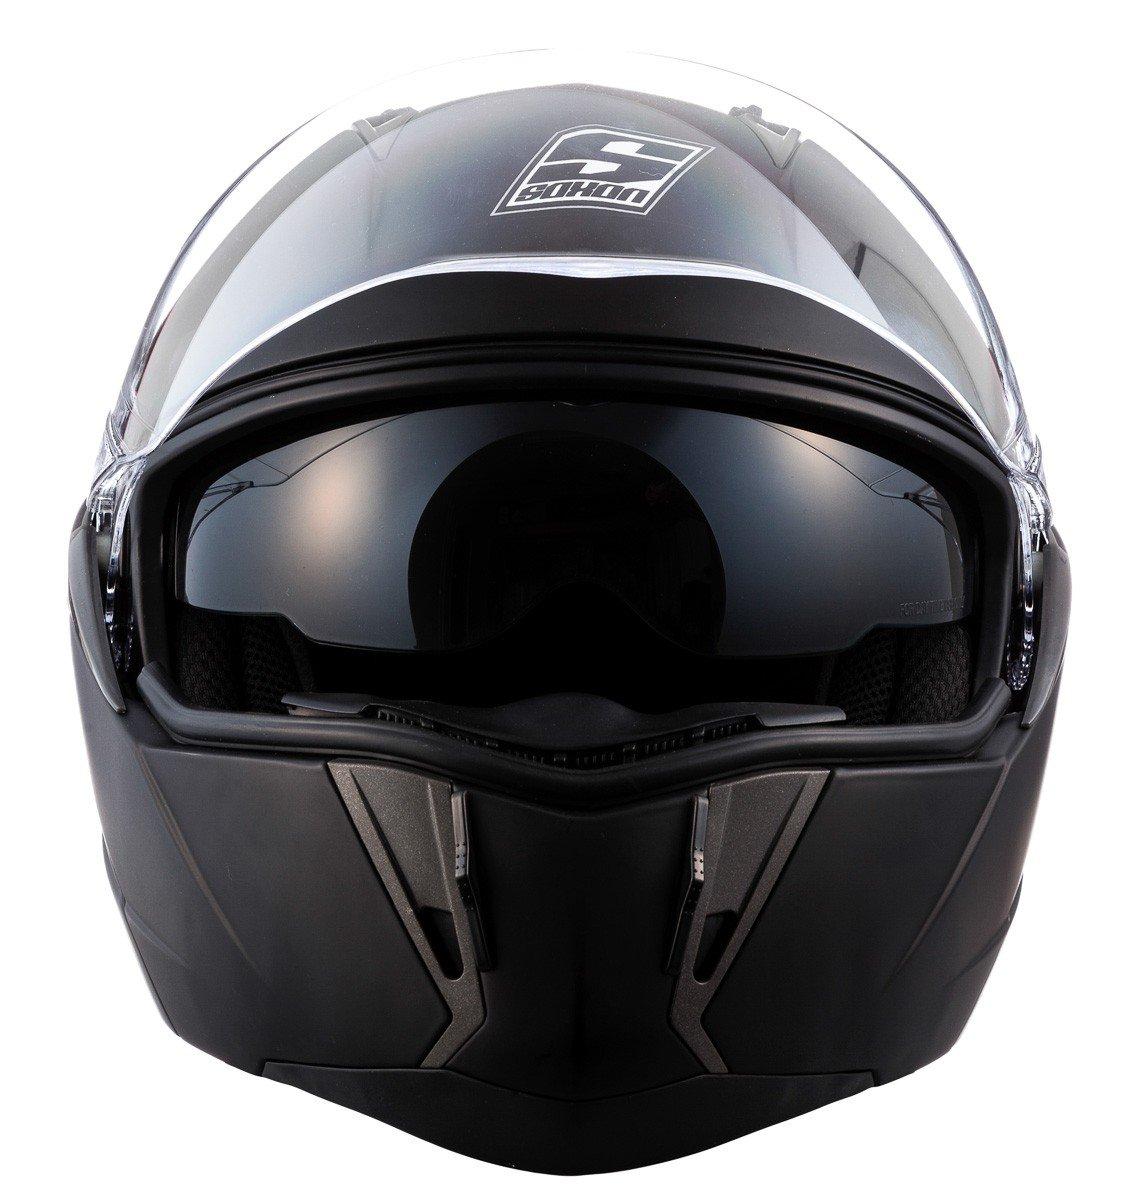 SOXON SF-99 Matt Black /· Scooter Casque Modular Urban Cruiser Moto Integral Helmet Mofa Flip-Up /· ECE certifi/és /· deux visi/ères inclus /· y compris le sac de casque /· Noir /· XS 53-54cm